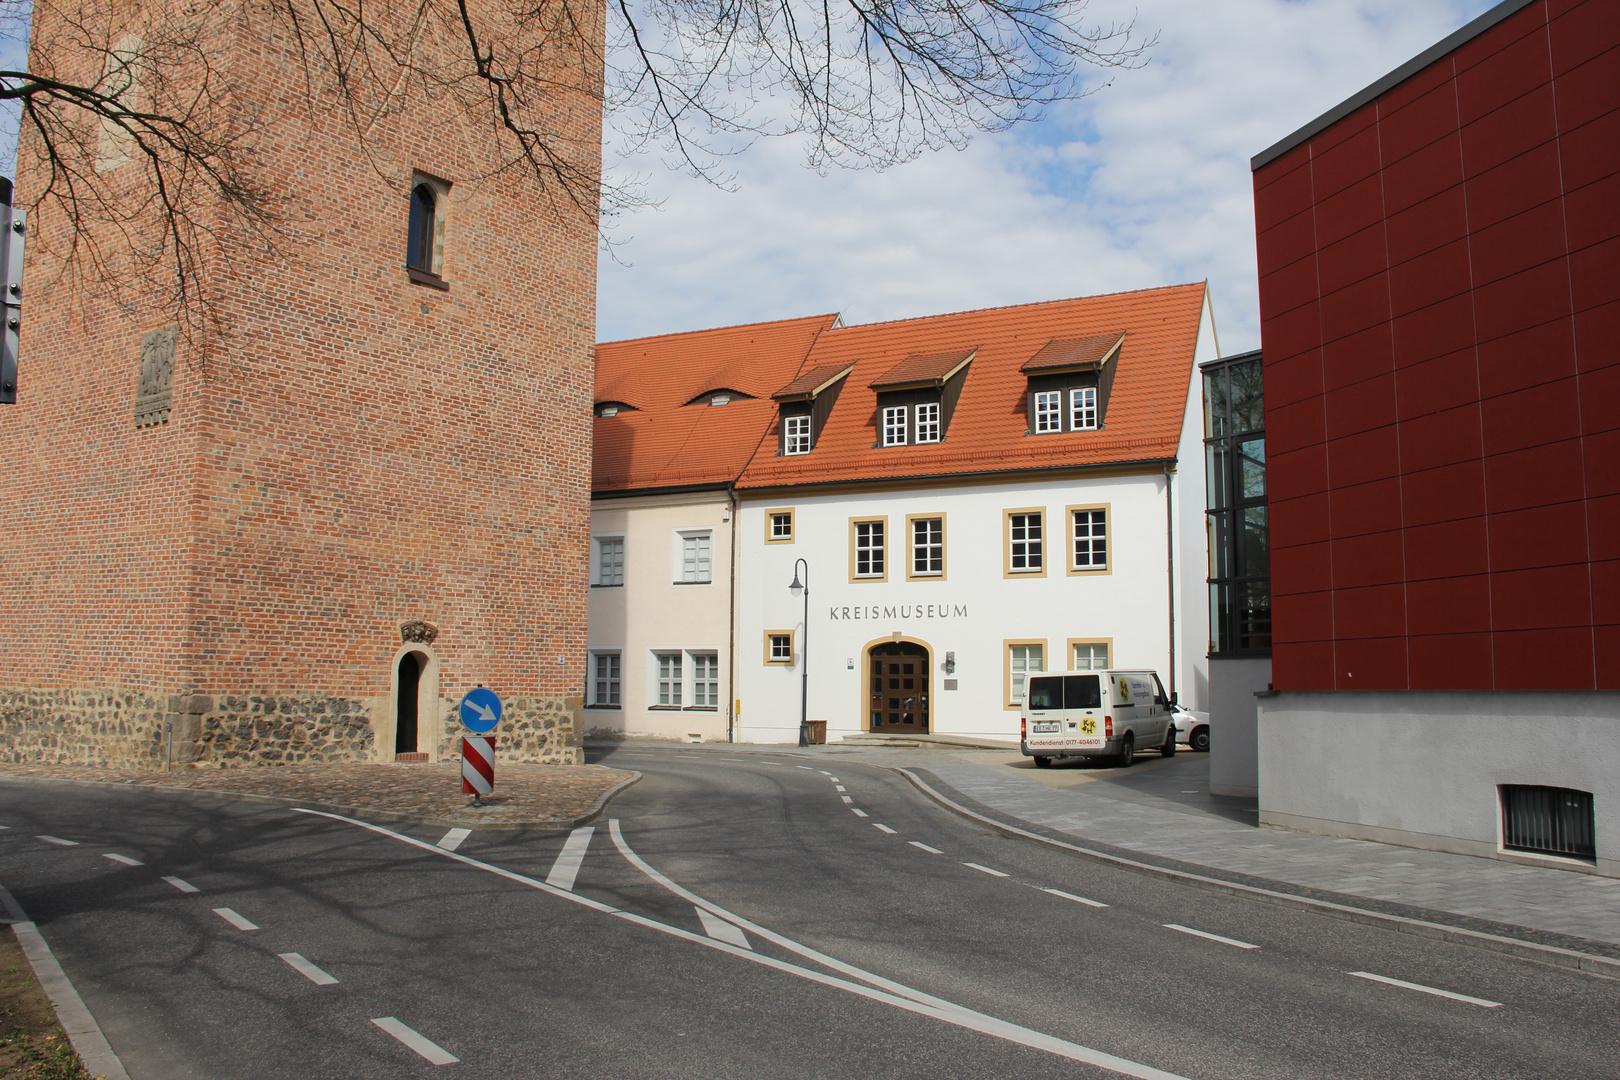 Lubwartturm und Kreismuseum Bad Liebenwerda